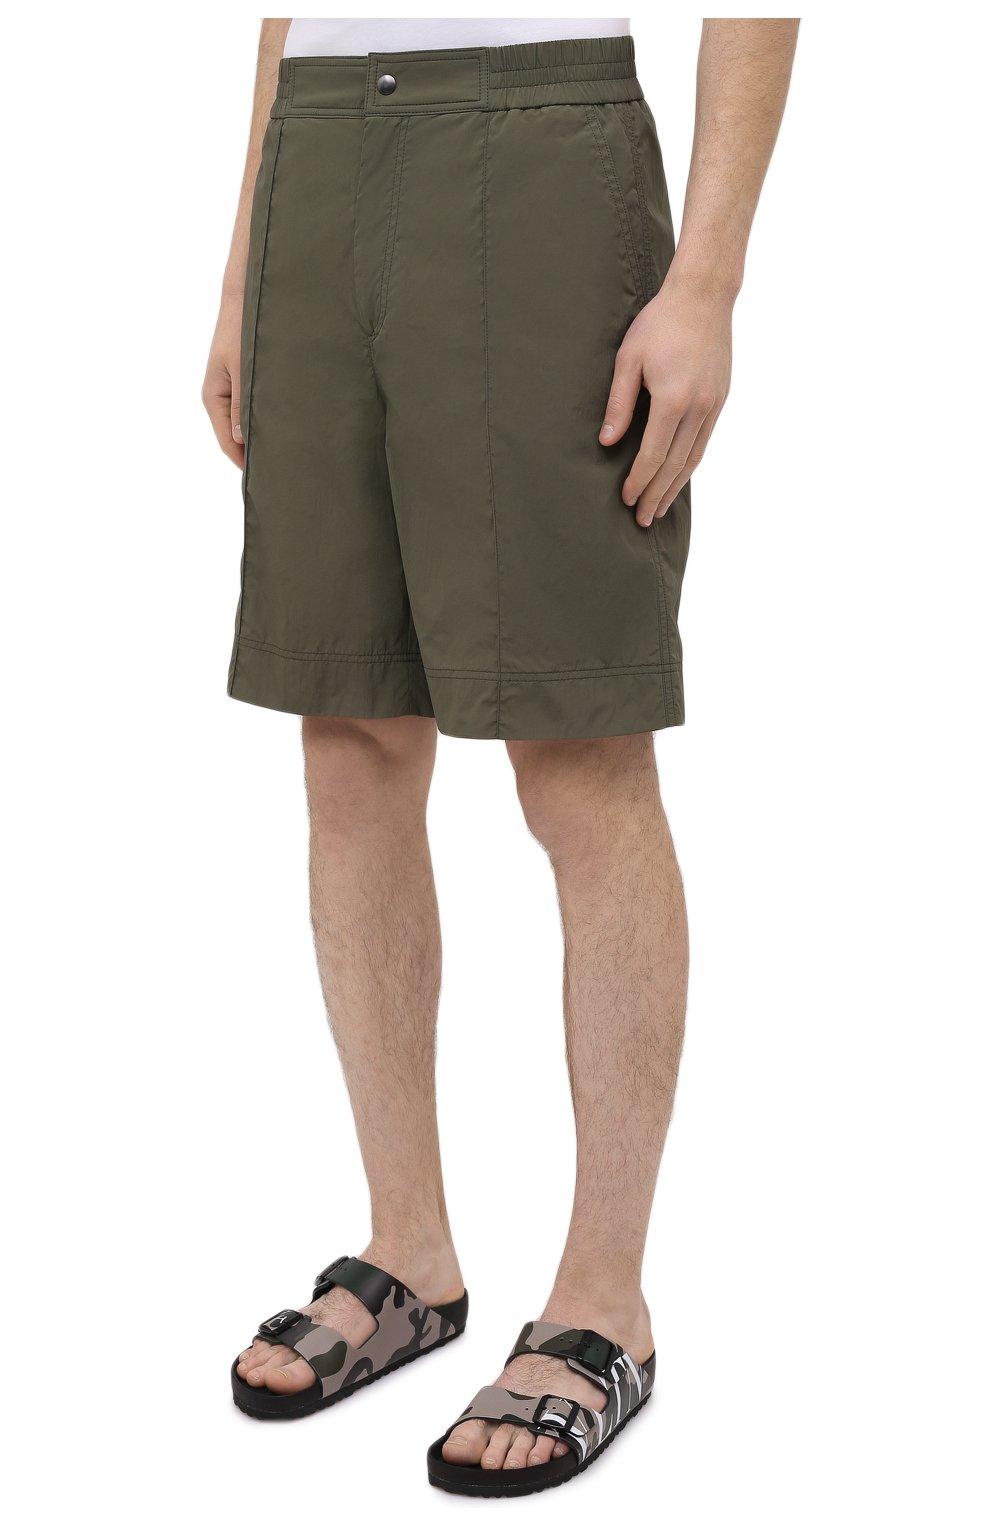 Мужские шорты VALENTINO хаки цвета, арт. VV3RDA9170F   Фото 3 (Мужское Кросс-КТ: Шорты-одежда; Принт: Без принта; Длина Шорты М: Ниже колена; Материал внешний: Синтетический материал; Материал подклада: Синтетический материал; Стили: Кэжуэл)